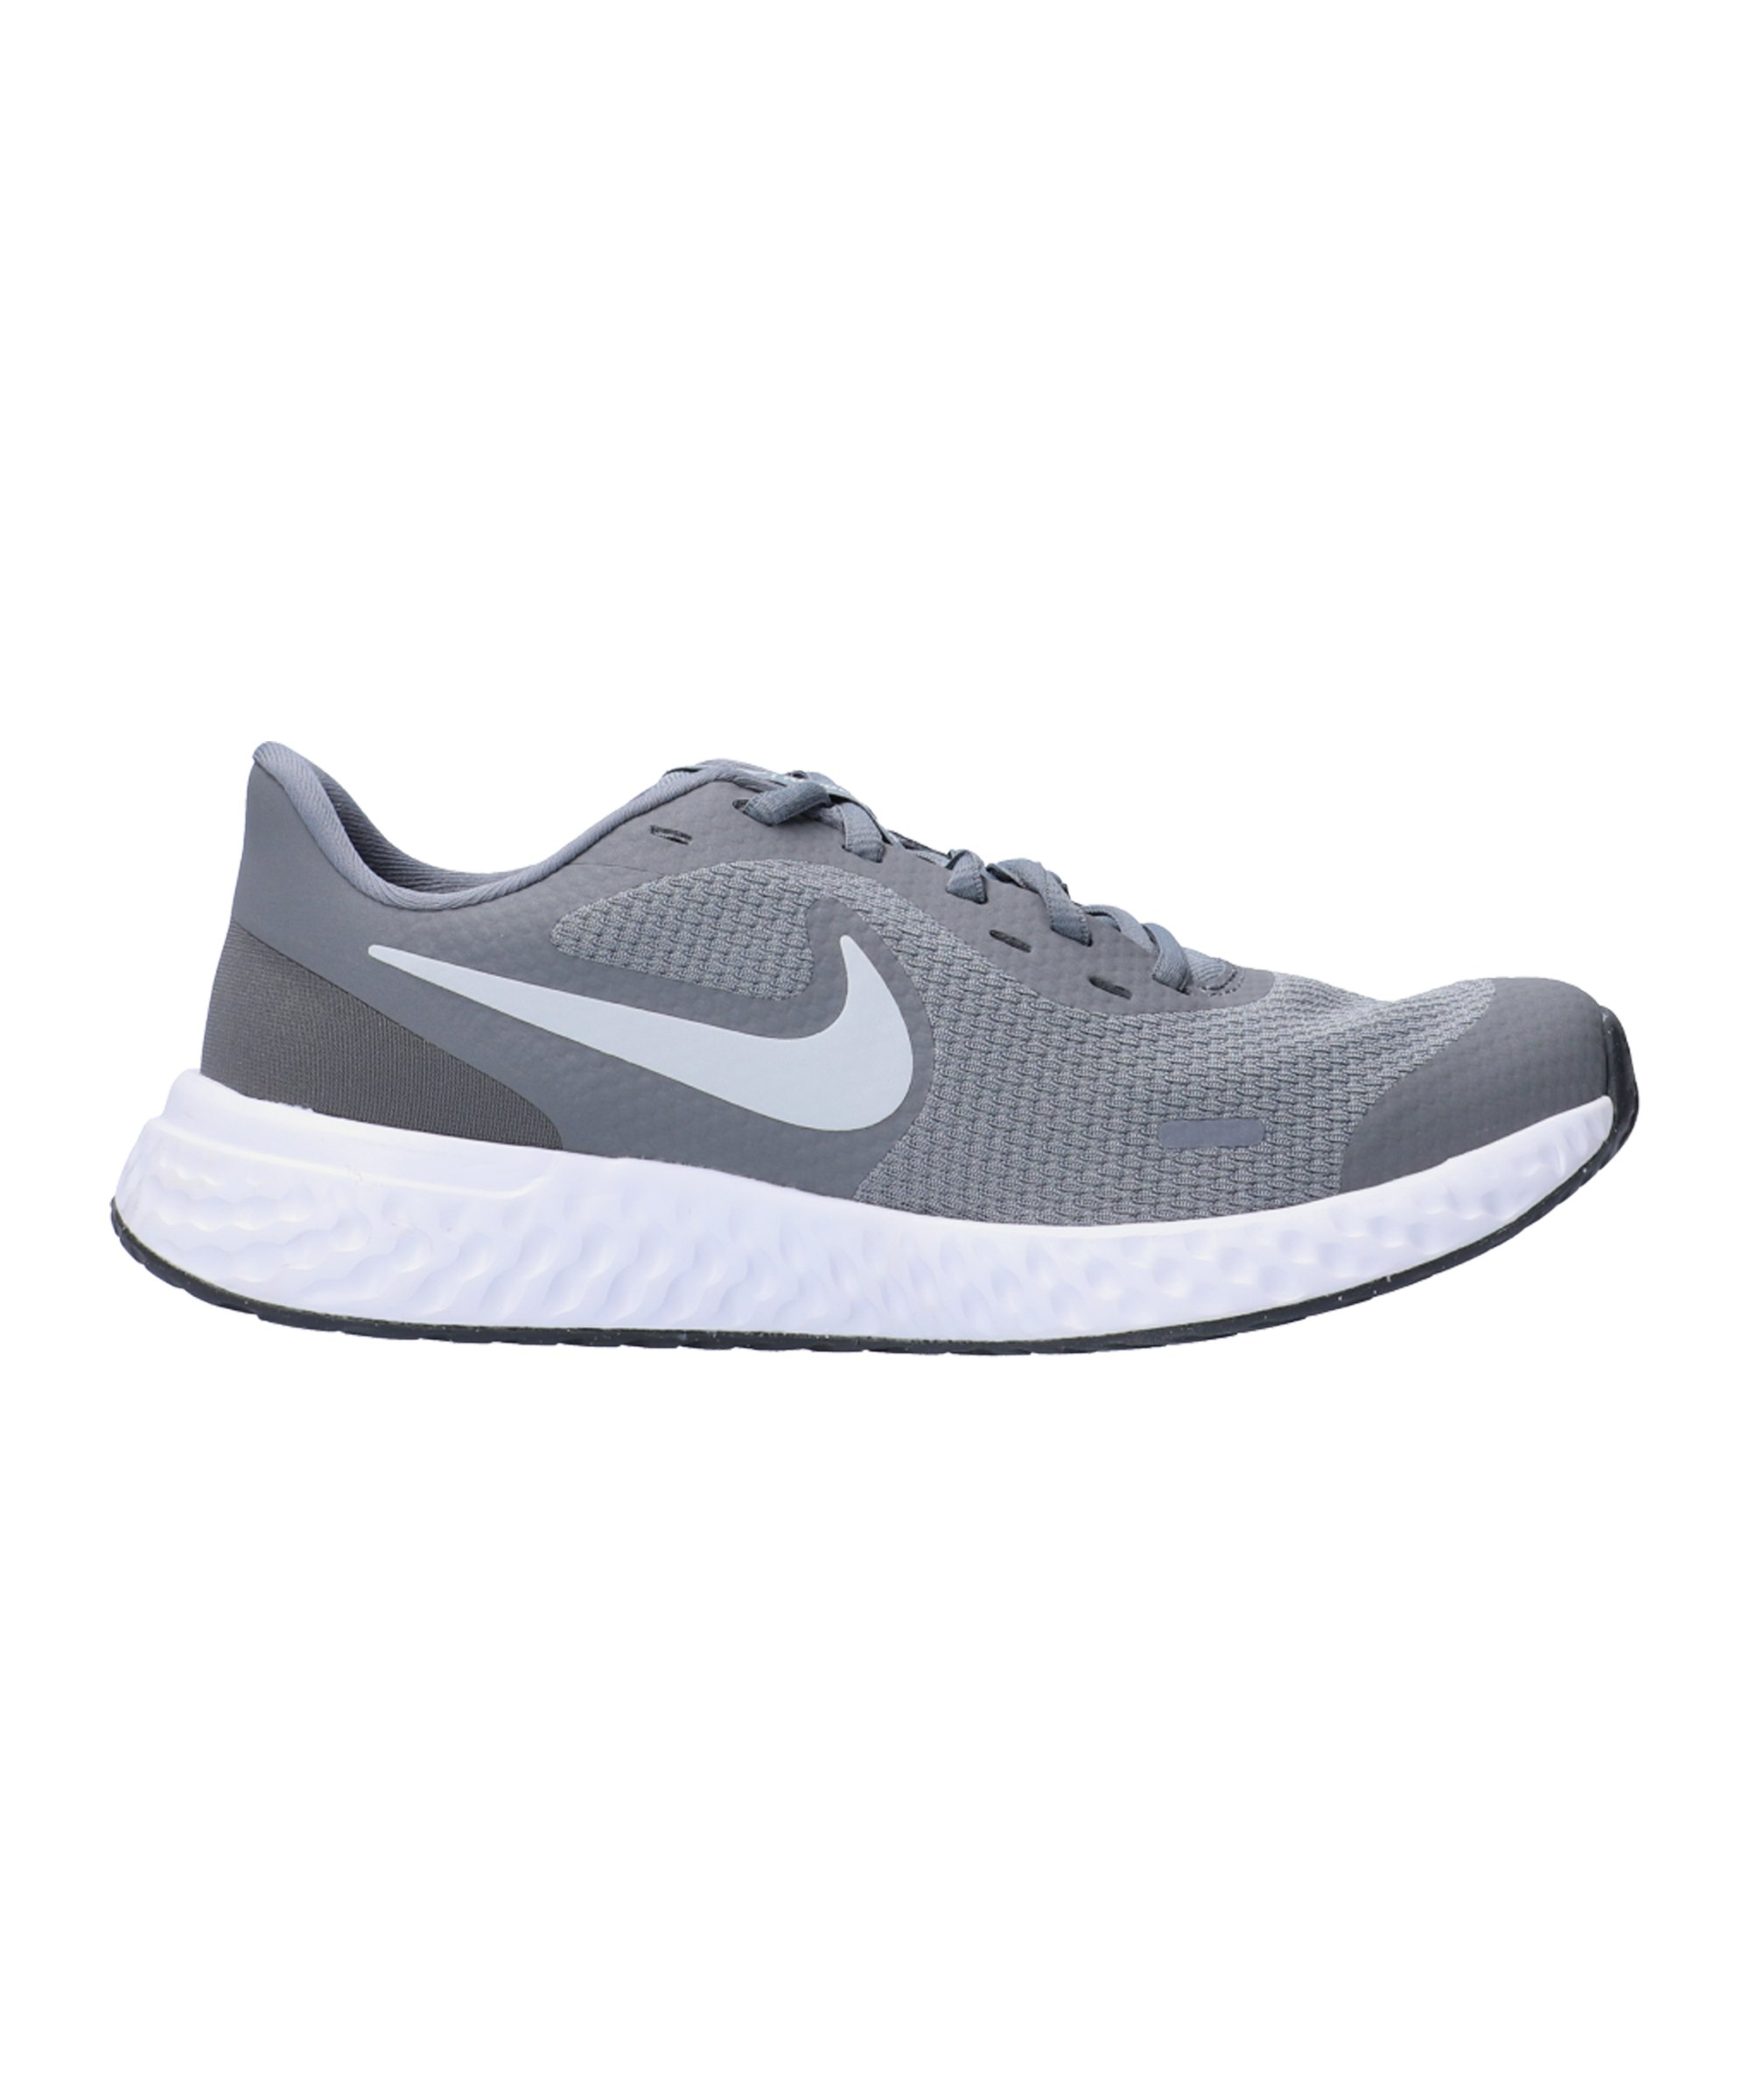 Nike Revolution 5 Running Kids Grau F004 - grau